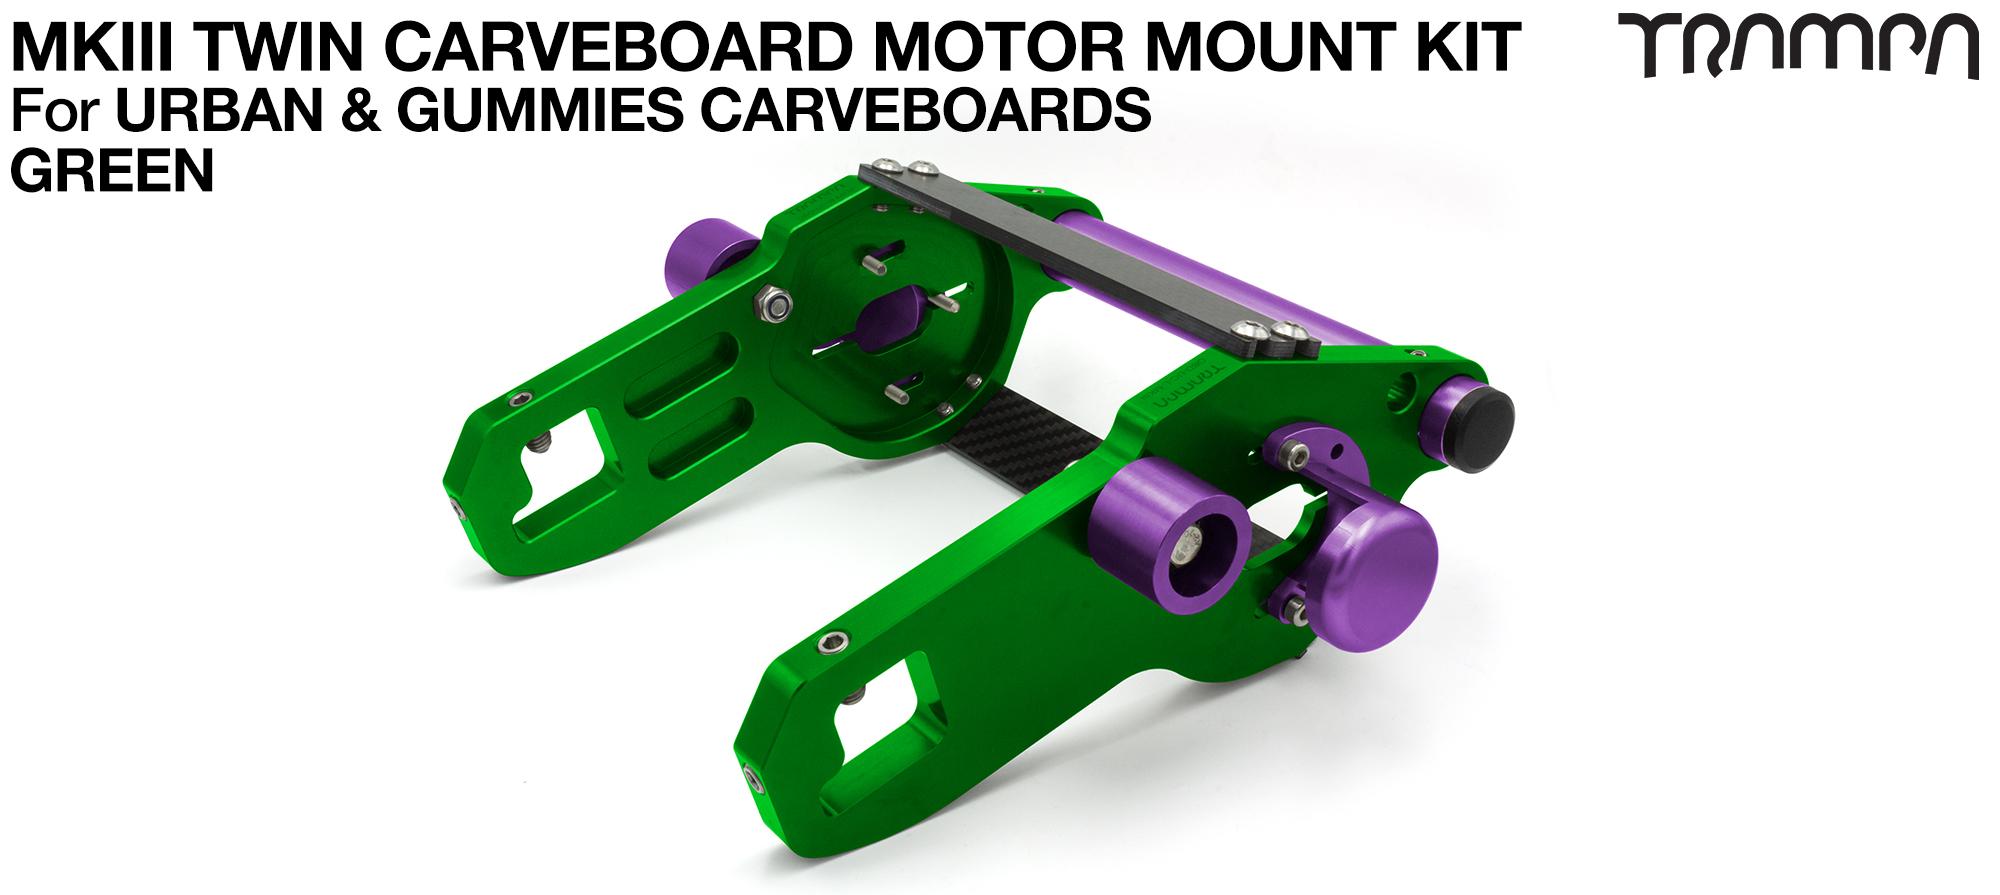 MkIII CARVE BOARD Motor Mount Kit - TWIN GREEN